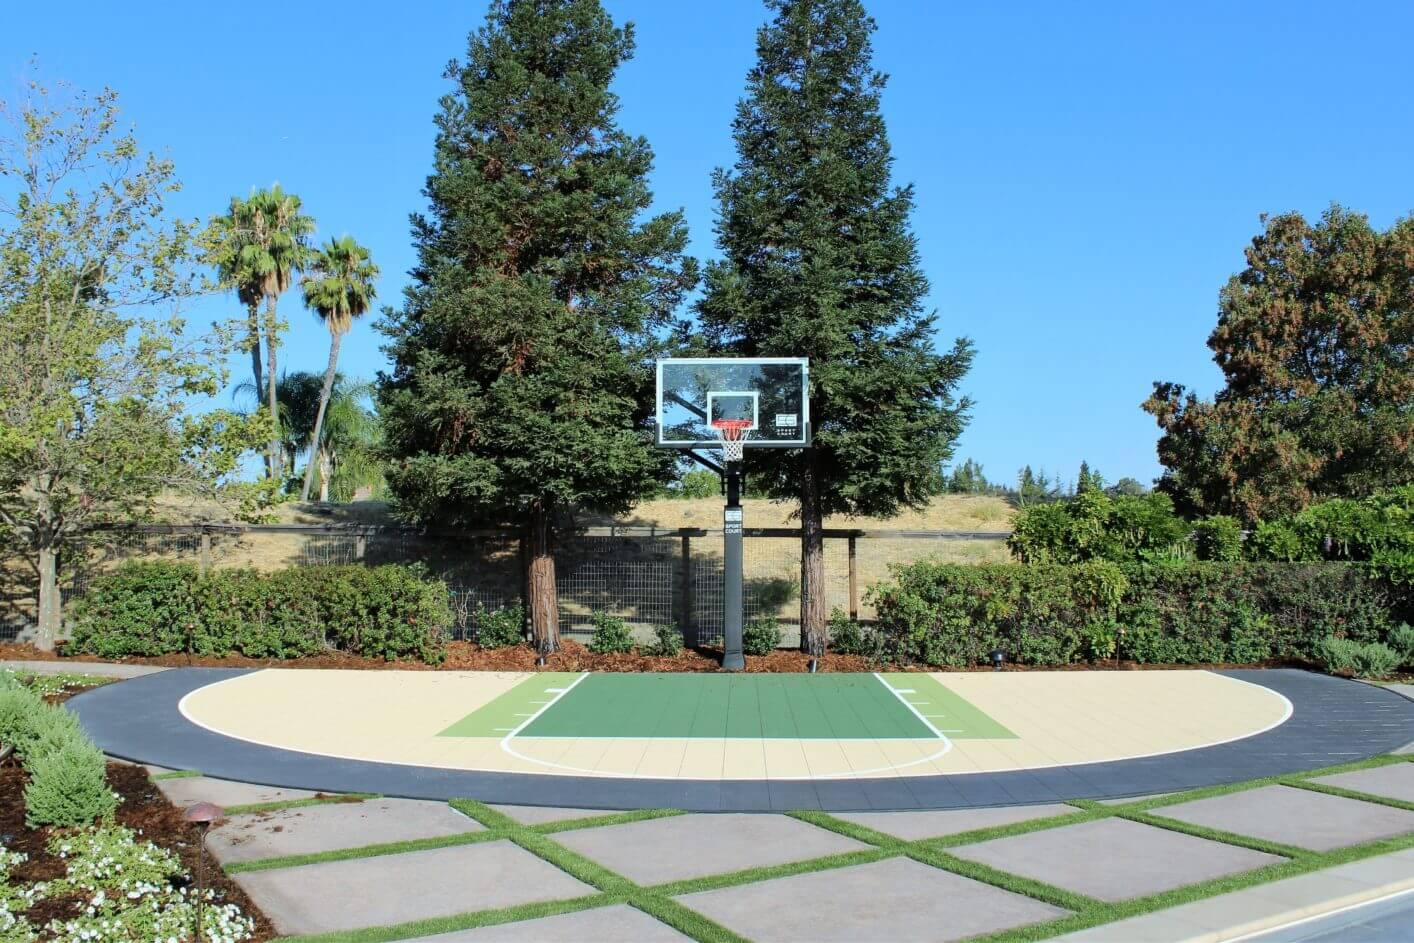 Backyard Basketball Court Sport Court Custom